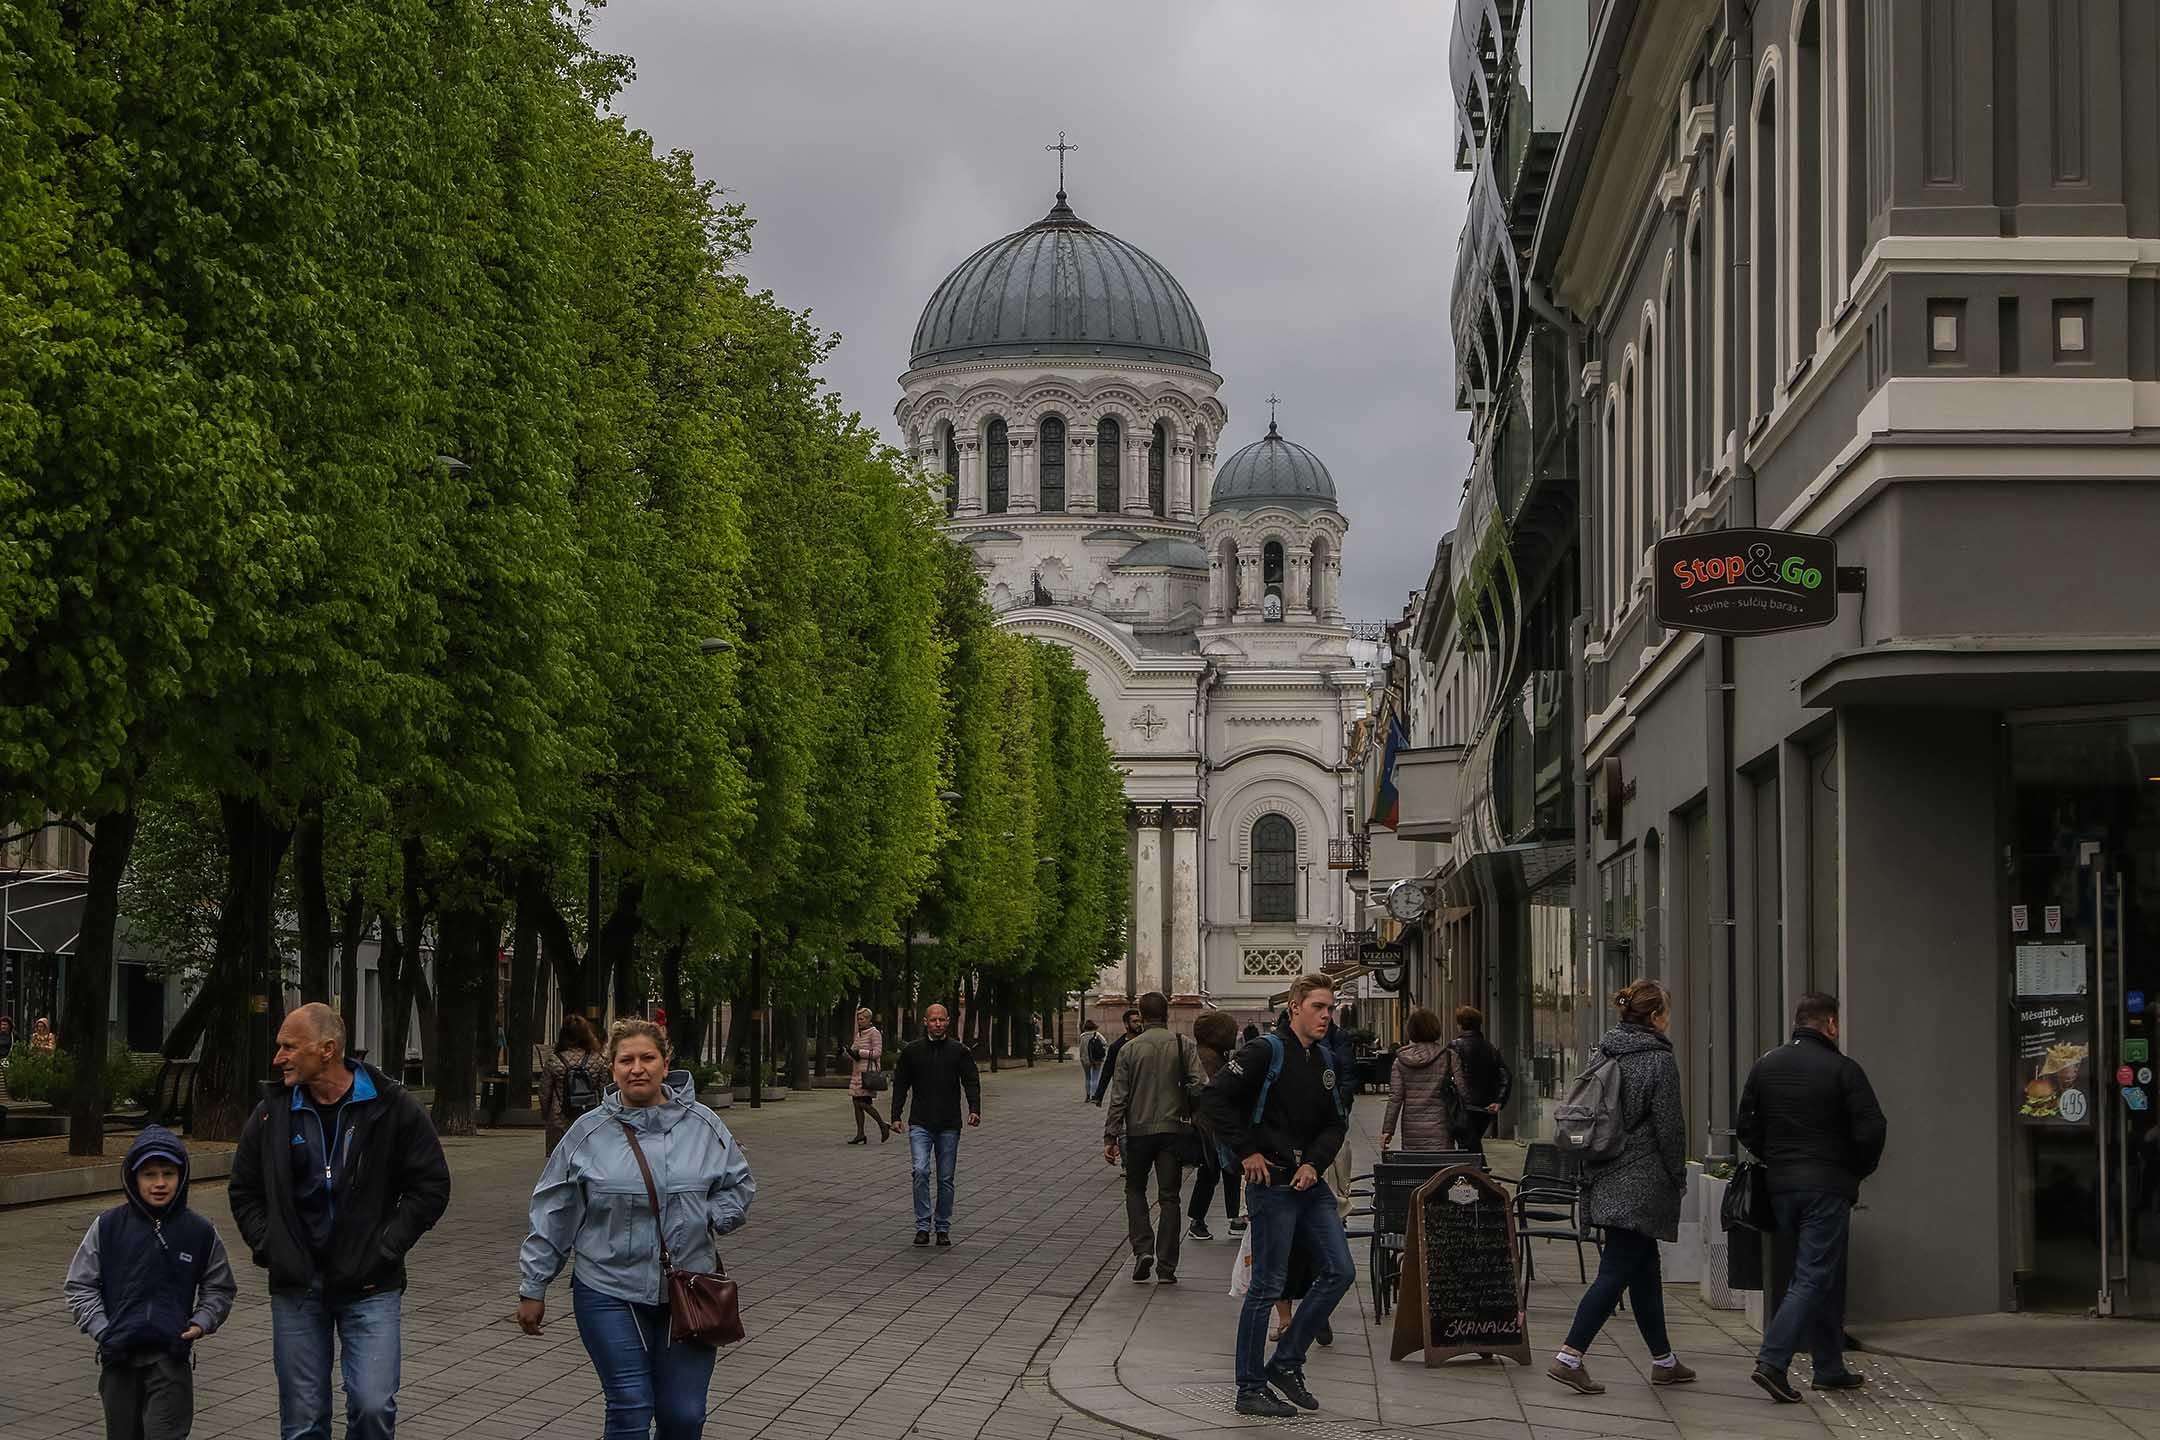 2019年5月2日,立陶宛考納斯。